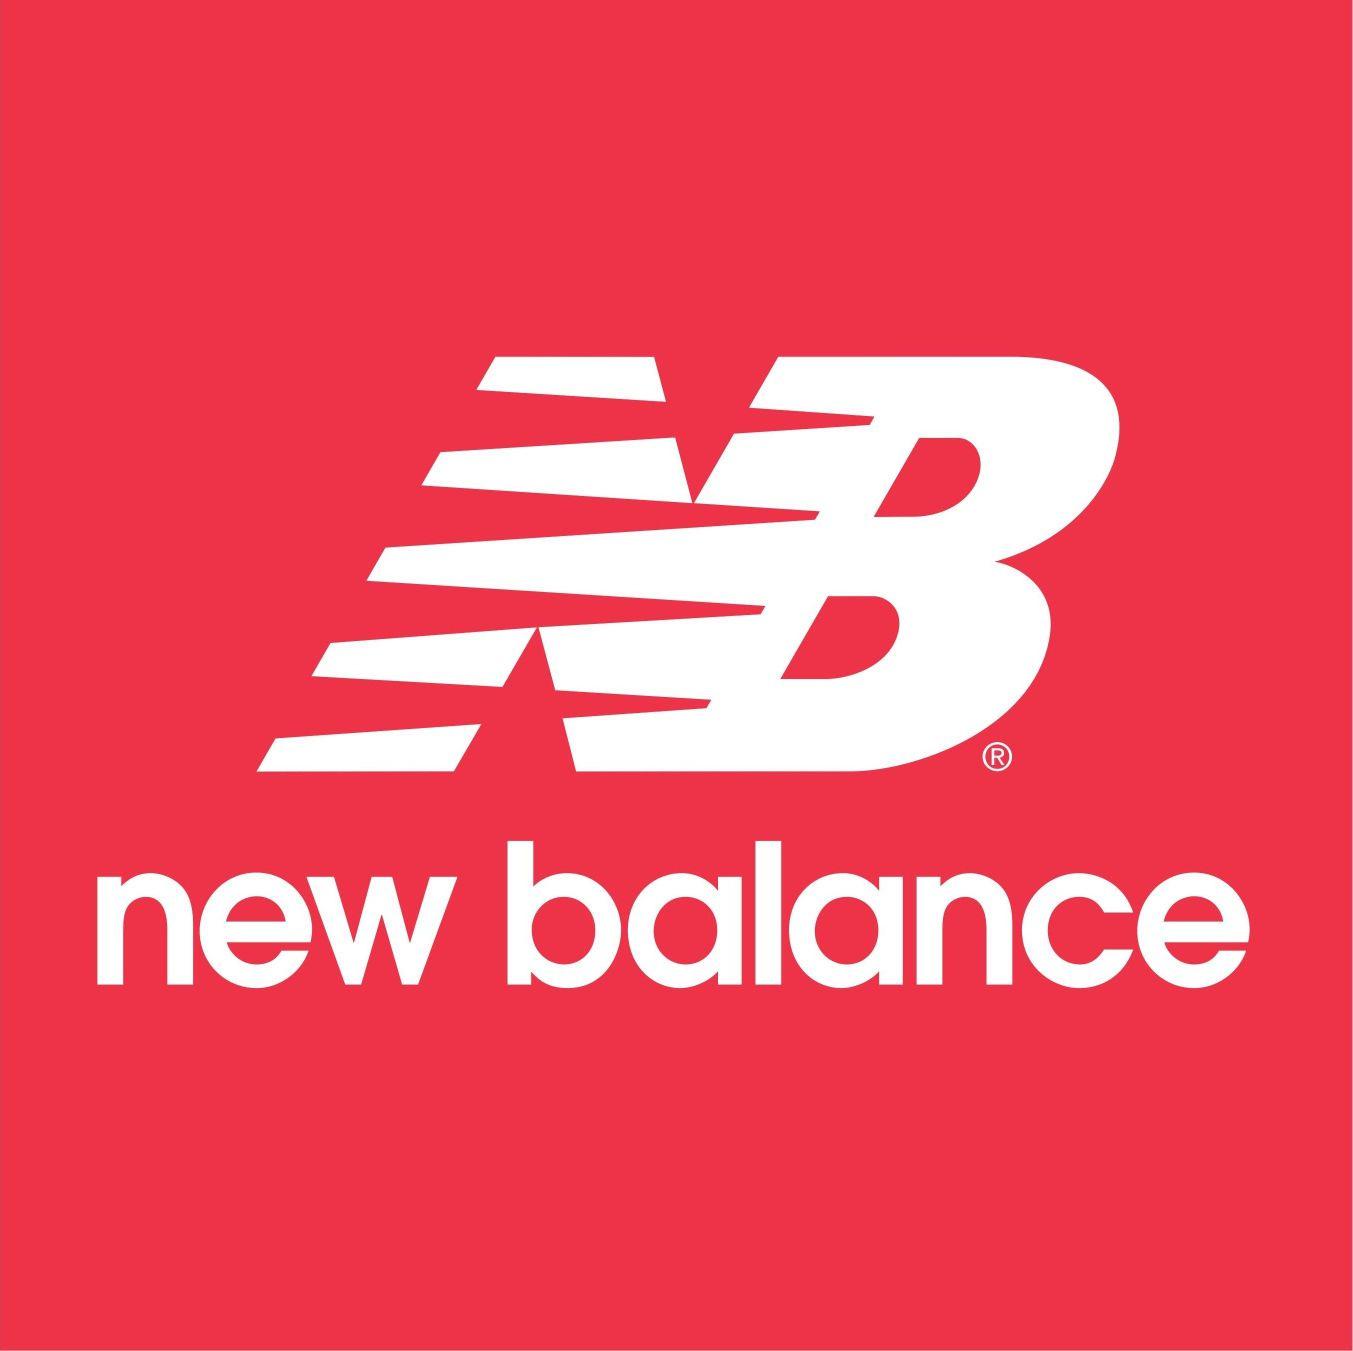 Shoop - 18% Cashback bei New Balance + 10€ Shoop (kombinierbar mit anderen Rabatten)